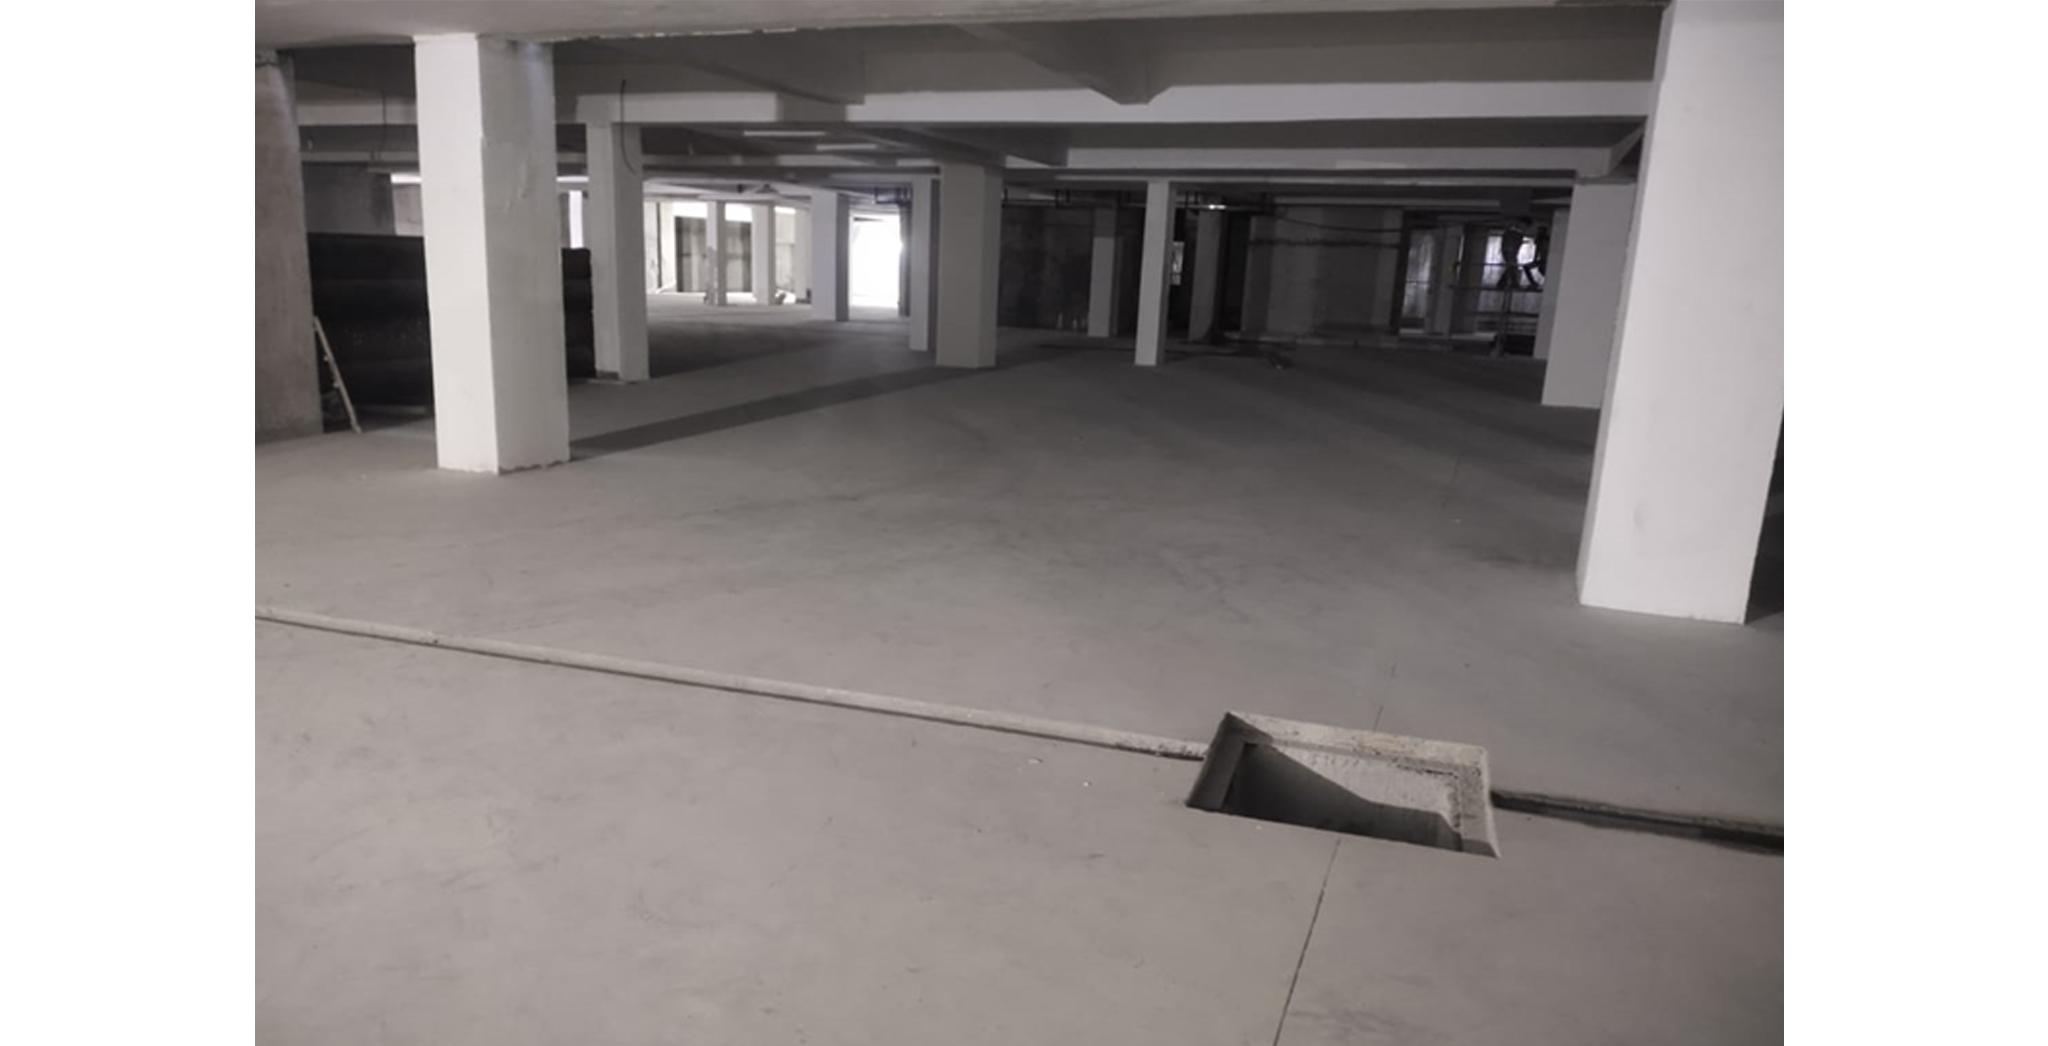 Aug 2021 - Block K, L, M, N, P, Q, R, S, A, E, F and D: Basement Flooring VDF works in progress – 53% completed